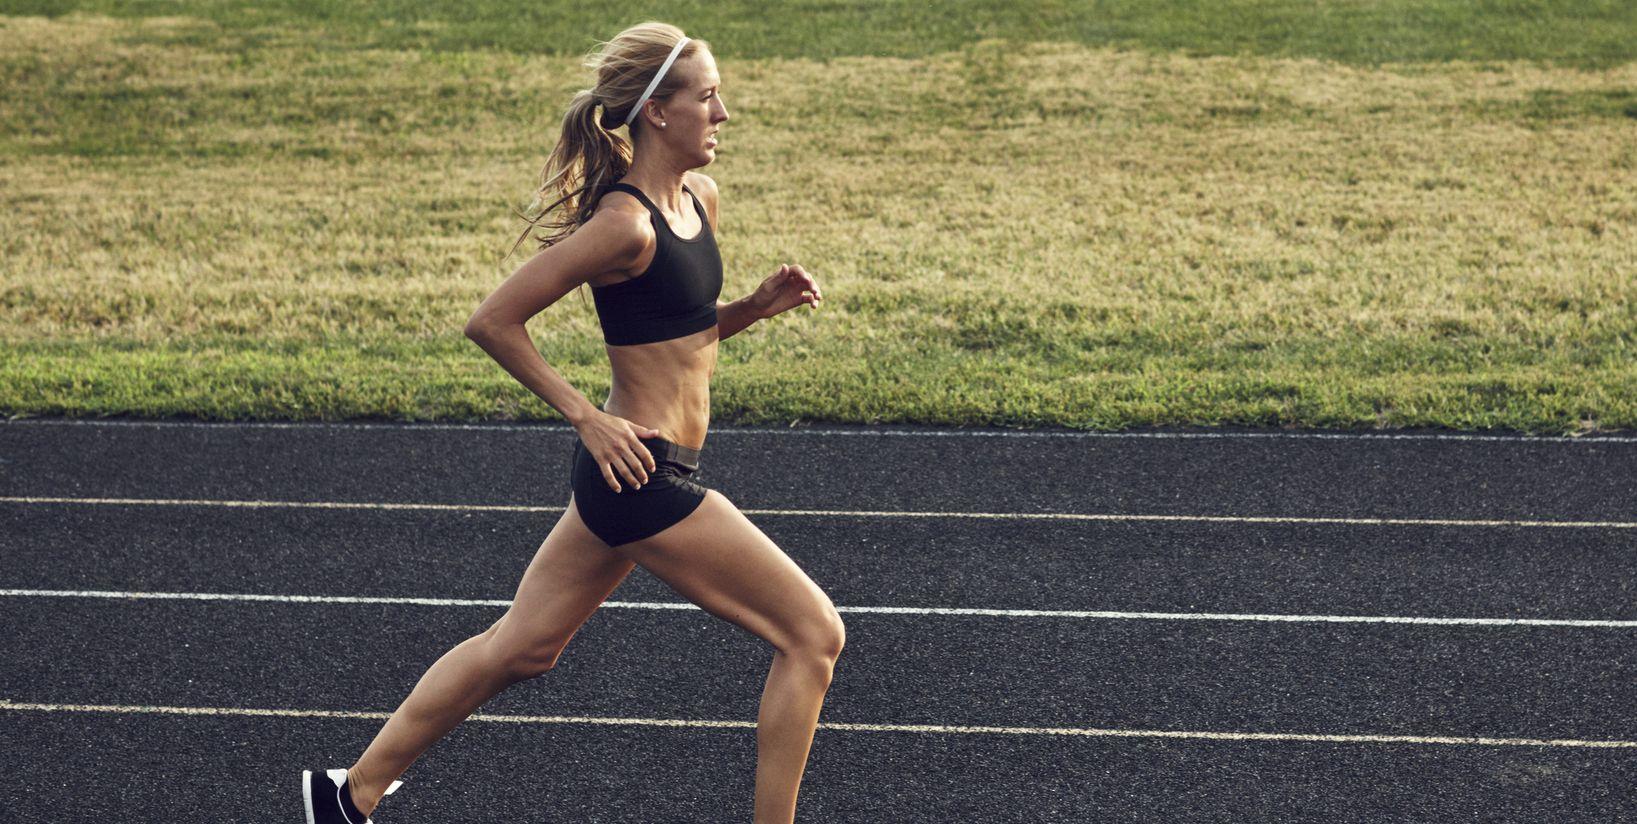 runnertrack